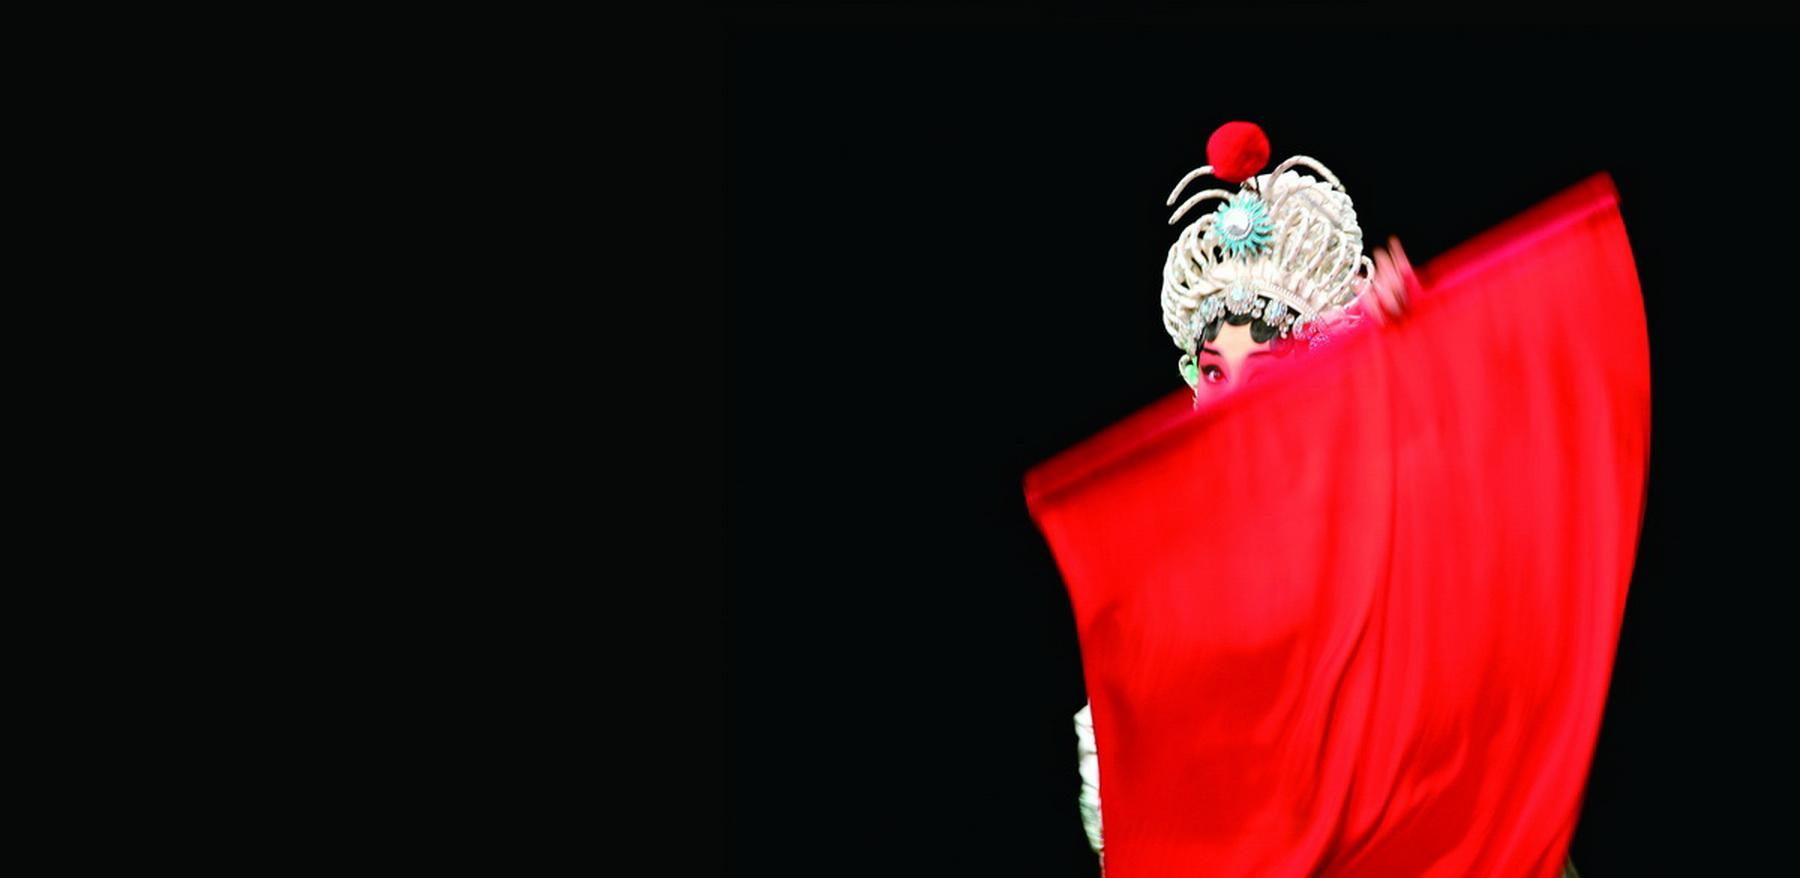 """""""Lo invisible"""". Ópera de Pekín, del fotógrafo Wang Yao que puede verse en la exposición """"La mujer moderna en China""""."""